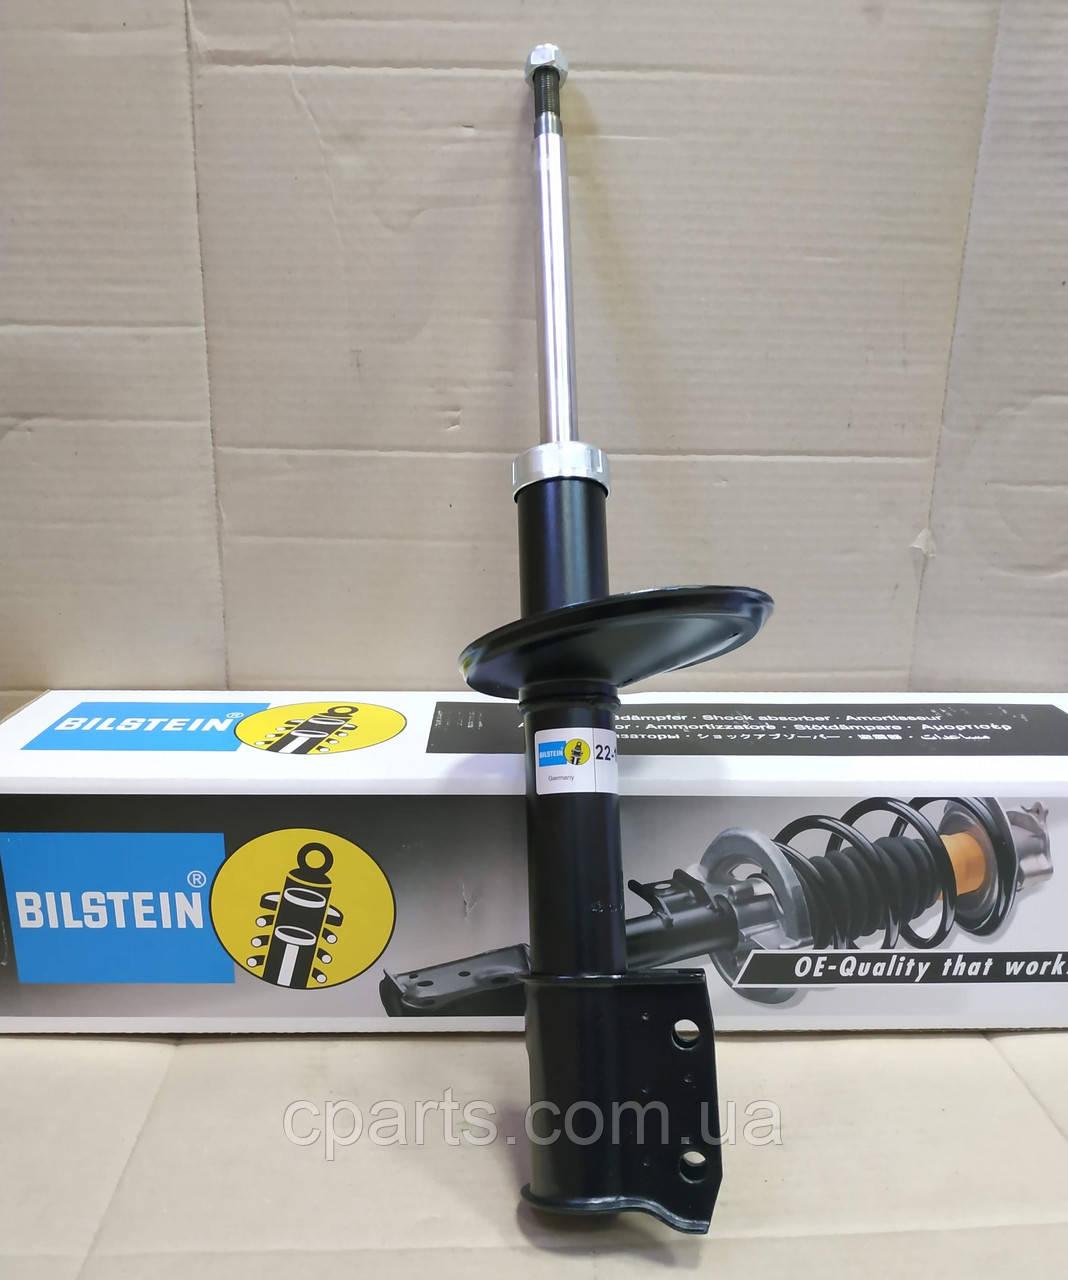 Амортизатор передний Renault Sandero (Bilstein 22-122469)(высокое качество)